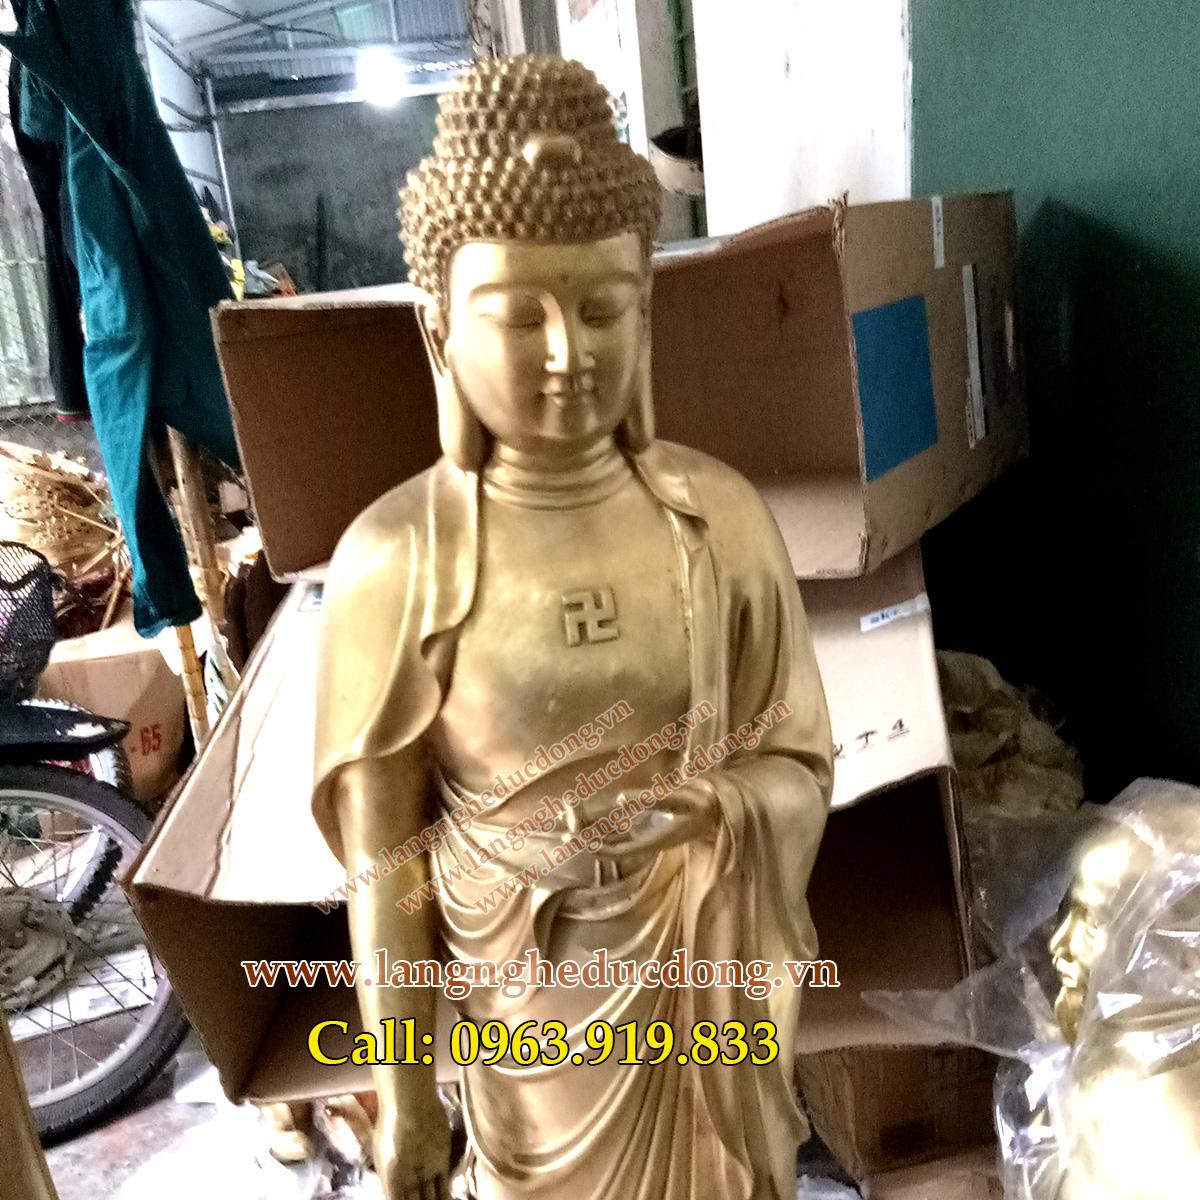 langngheducdong.vn - tượng đồng, tượng phật bằng đồng, đúc tượng phật